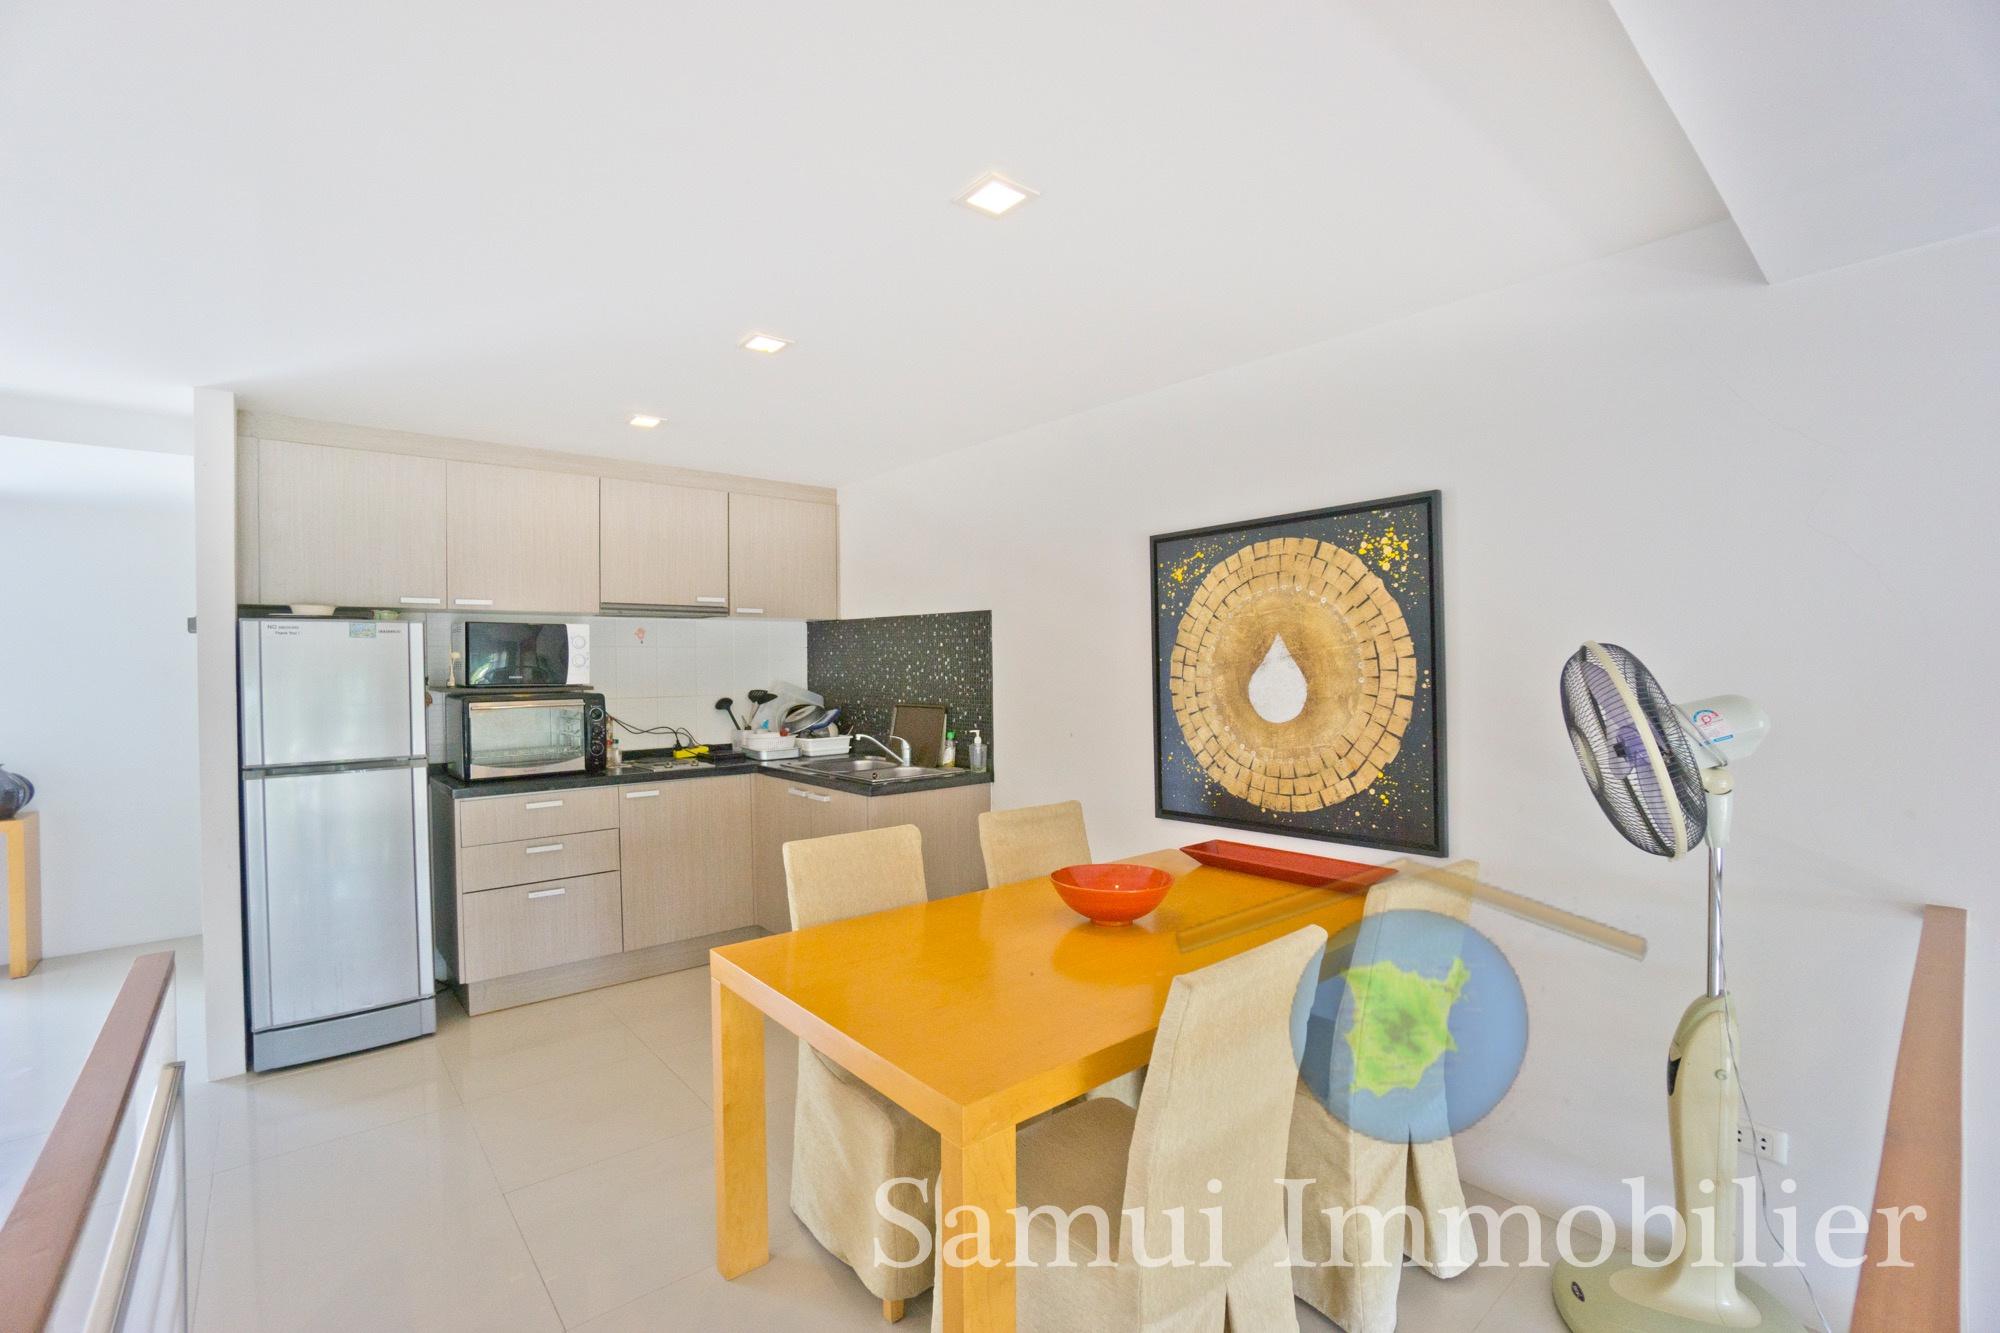 Appartement duplex à vendre - 2 chambres - Plai Laem